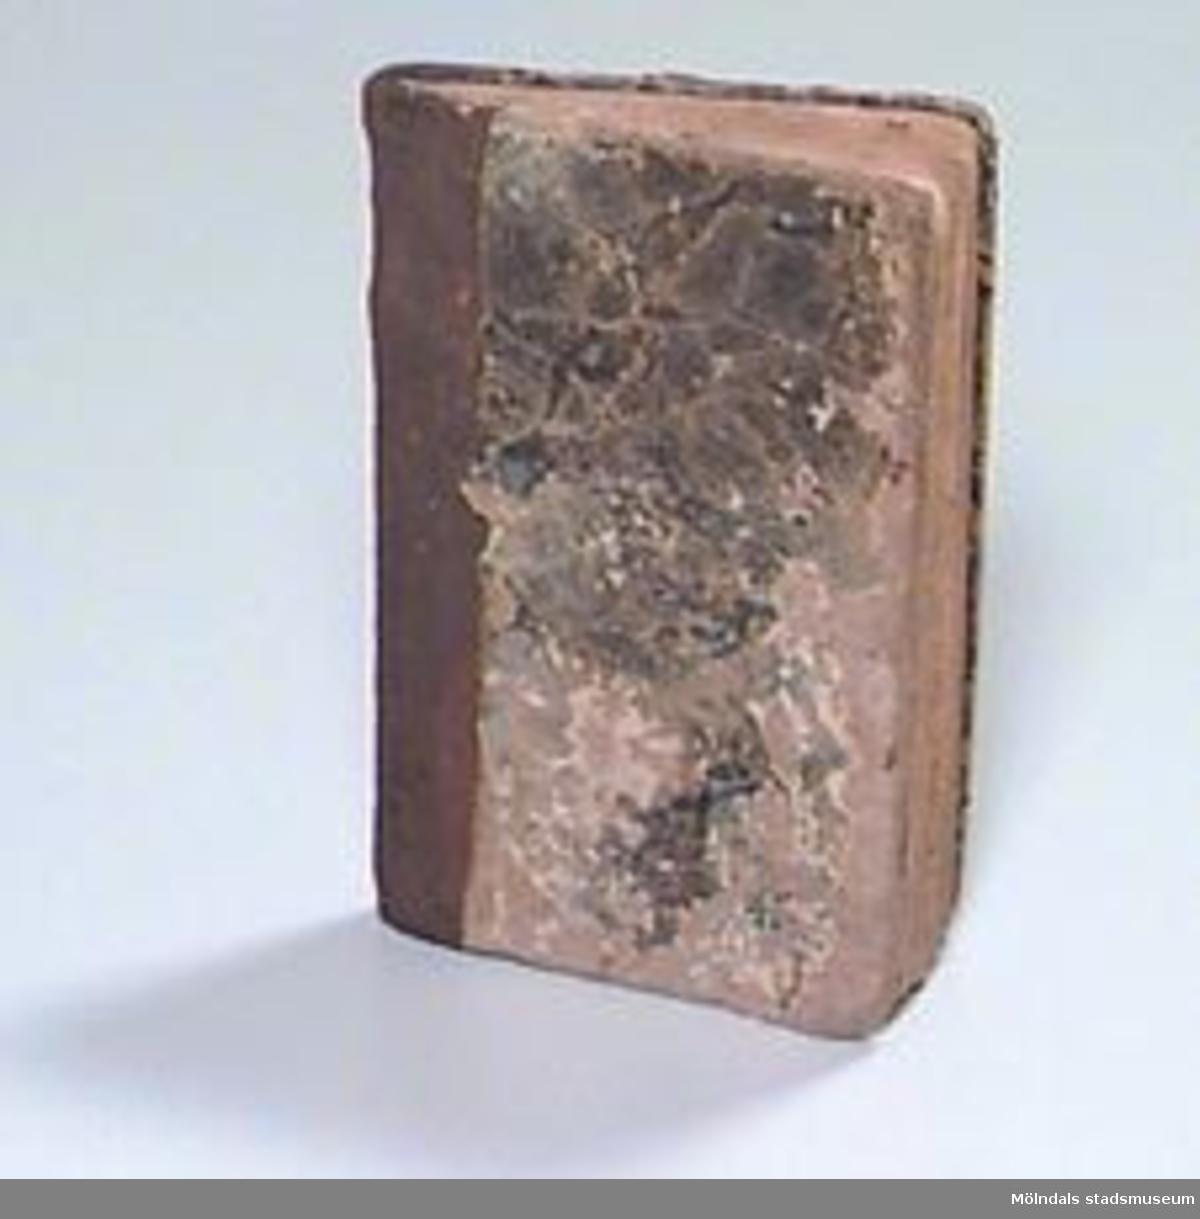 """""""Doct. Mårt. Luthers Lilla Cateches, med Förklaring af Doct. Ol. Swebilius. Ärke-Biskop."""" Pärmen klädd med dekorerat, gråblått papper, ryggen av läder. Skrivet med bläck på insidan av pärmen: """"Tillhörig MN(?) Johansson Smedlyckan --- 1870 --"""". (Initialerna mm svårlästa). På näst sista sidan skrivet med bläck: """"Hilda"""", """"MN Johansson"""", samt på bakre pärmens insida: """"Tillhörig MN Johansson Smedlyckan"""", """"Horn 1870 4/4""""."""